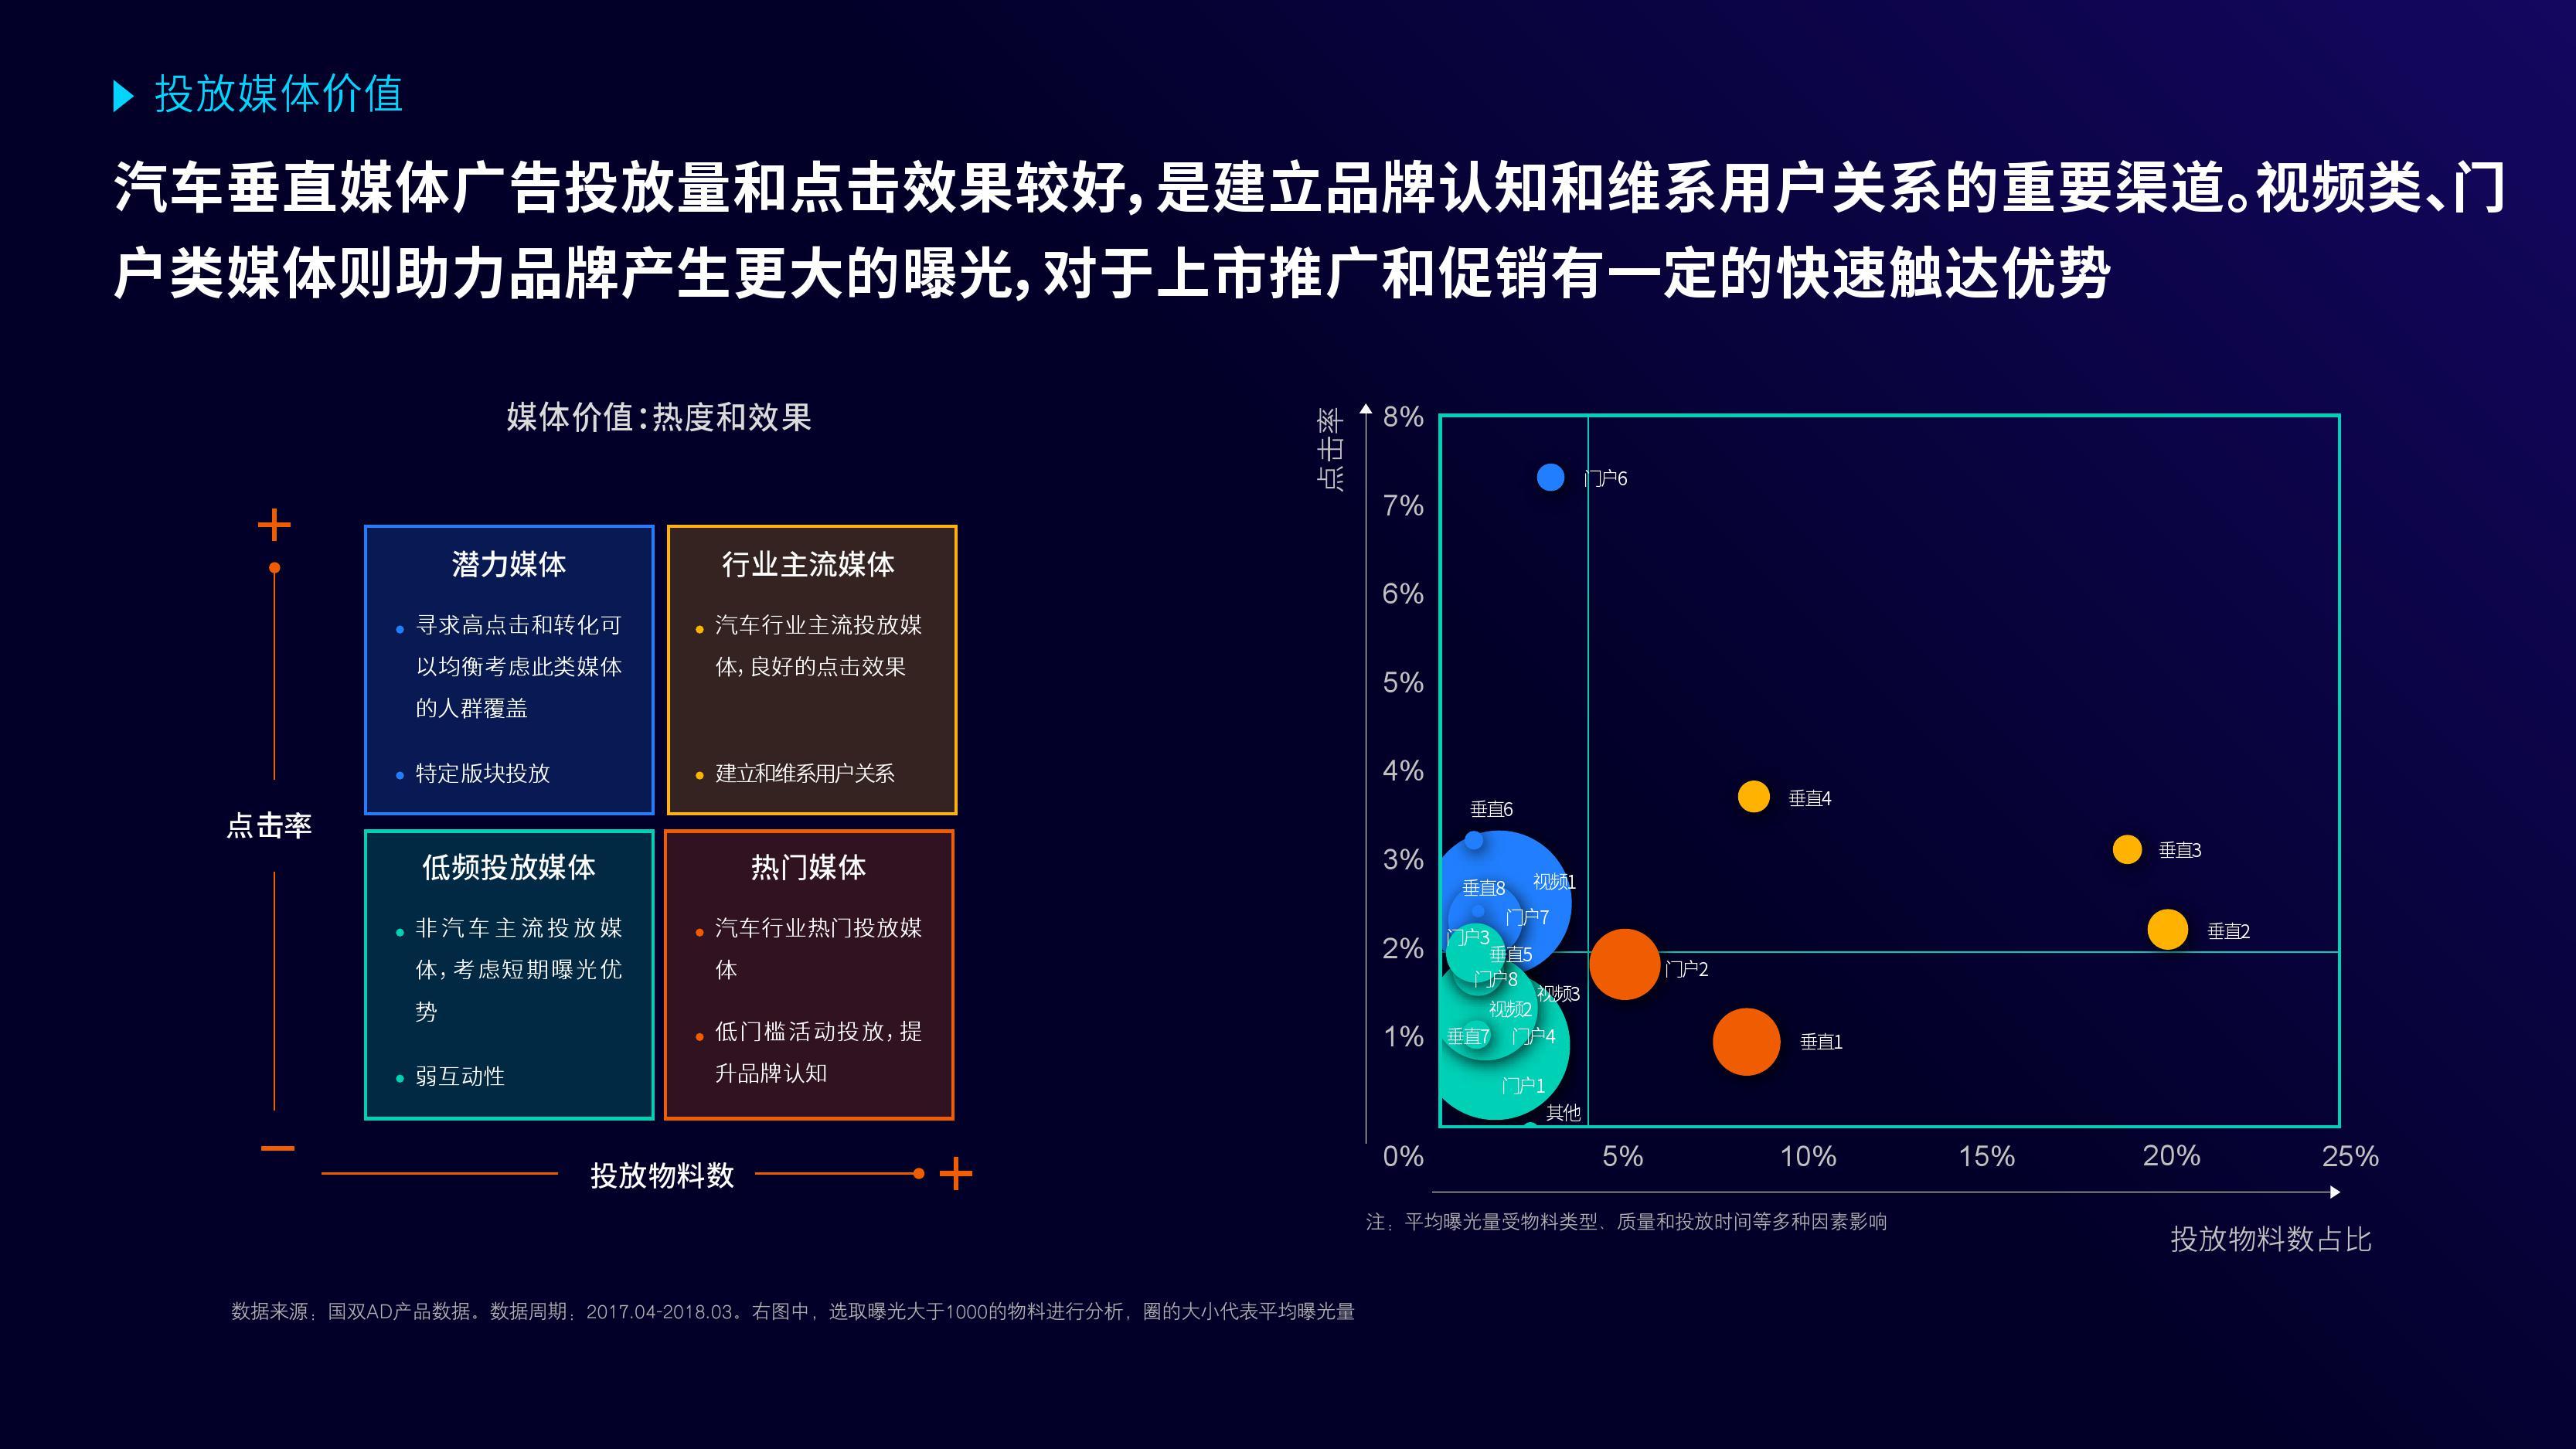 国双&勾正数据:《2018汽车数字广告受众触媒习惯分析》(ppt)